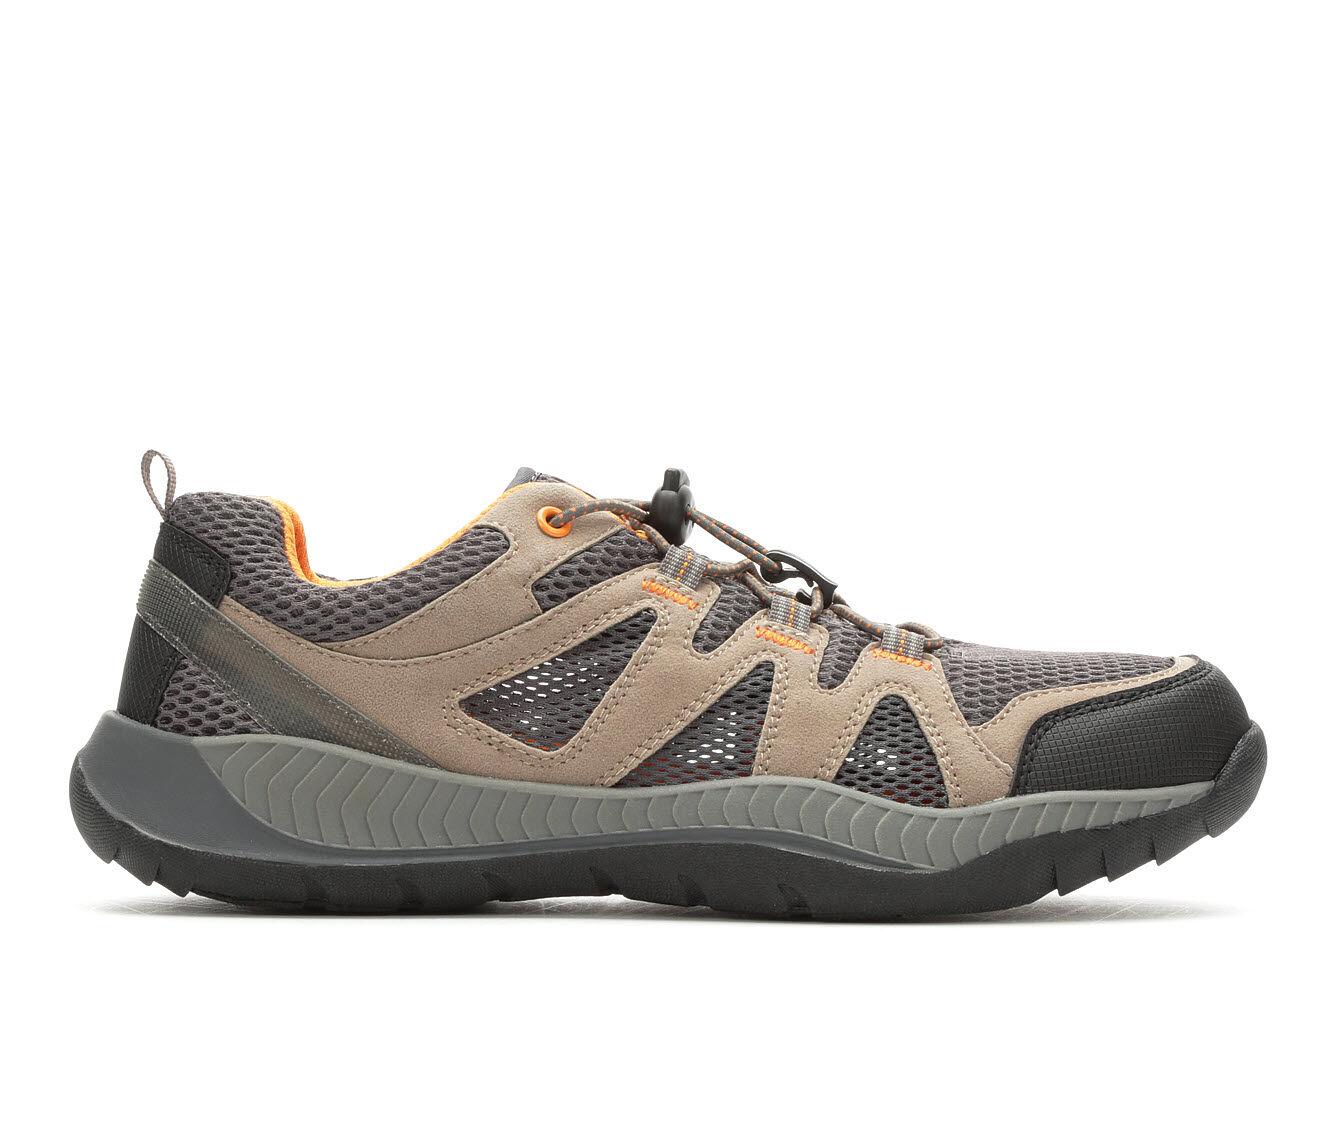 Men's Gotcha Rowan Outdoor Shoes Taupe